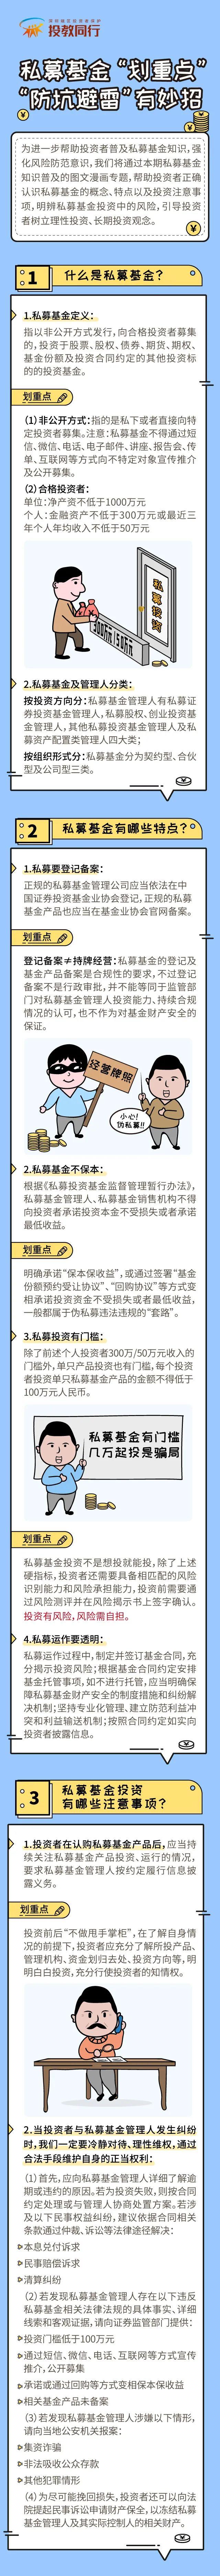 """【投教专题】私募基金""""划重点"""",""""防坑避雷""""有妙招"""